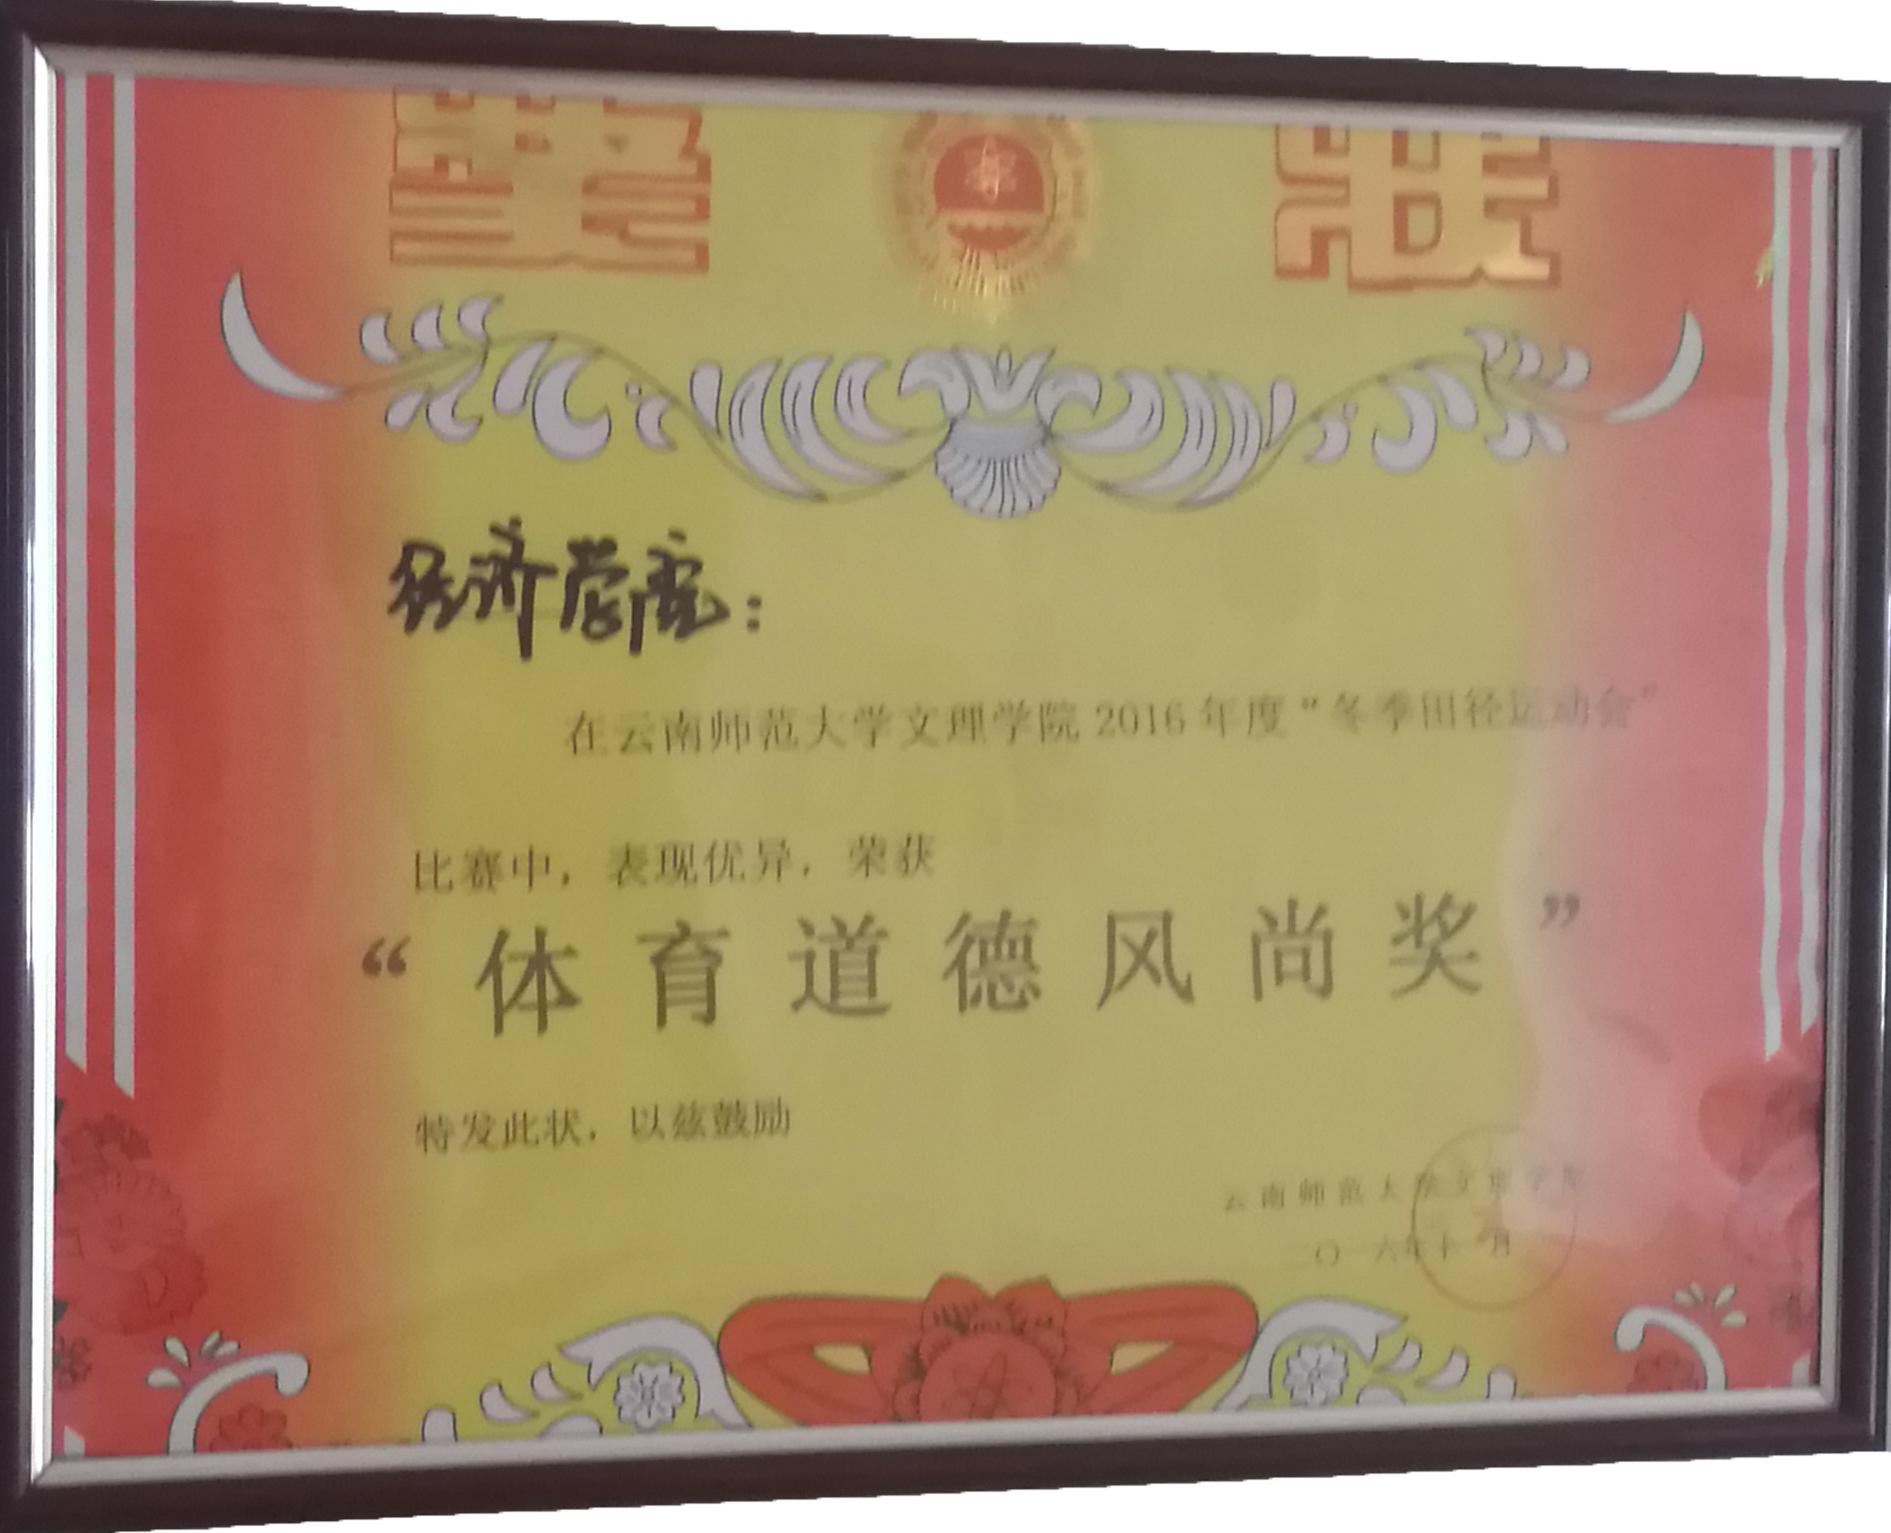 2016年云南师范大学文理学院冬季田径运动会 道德风尚奖